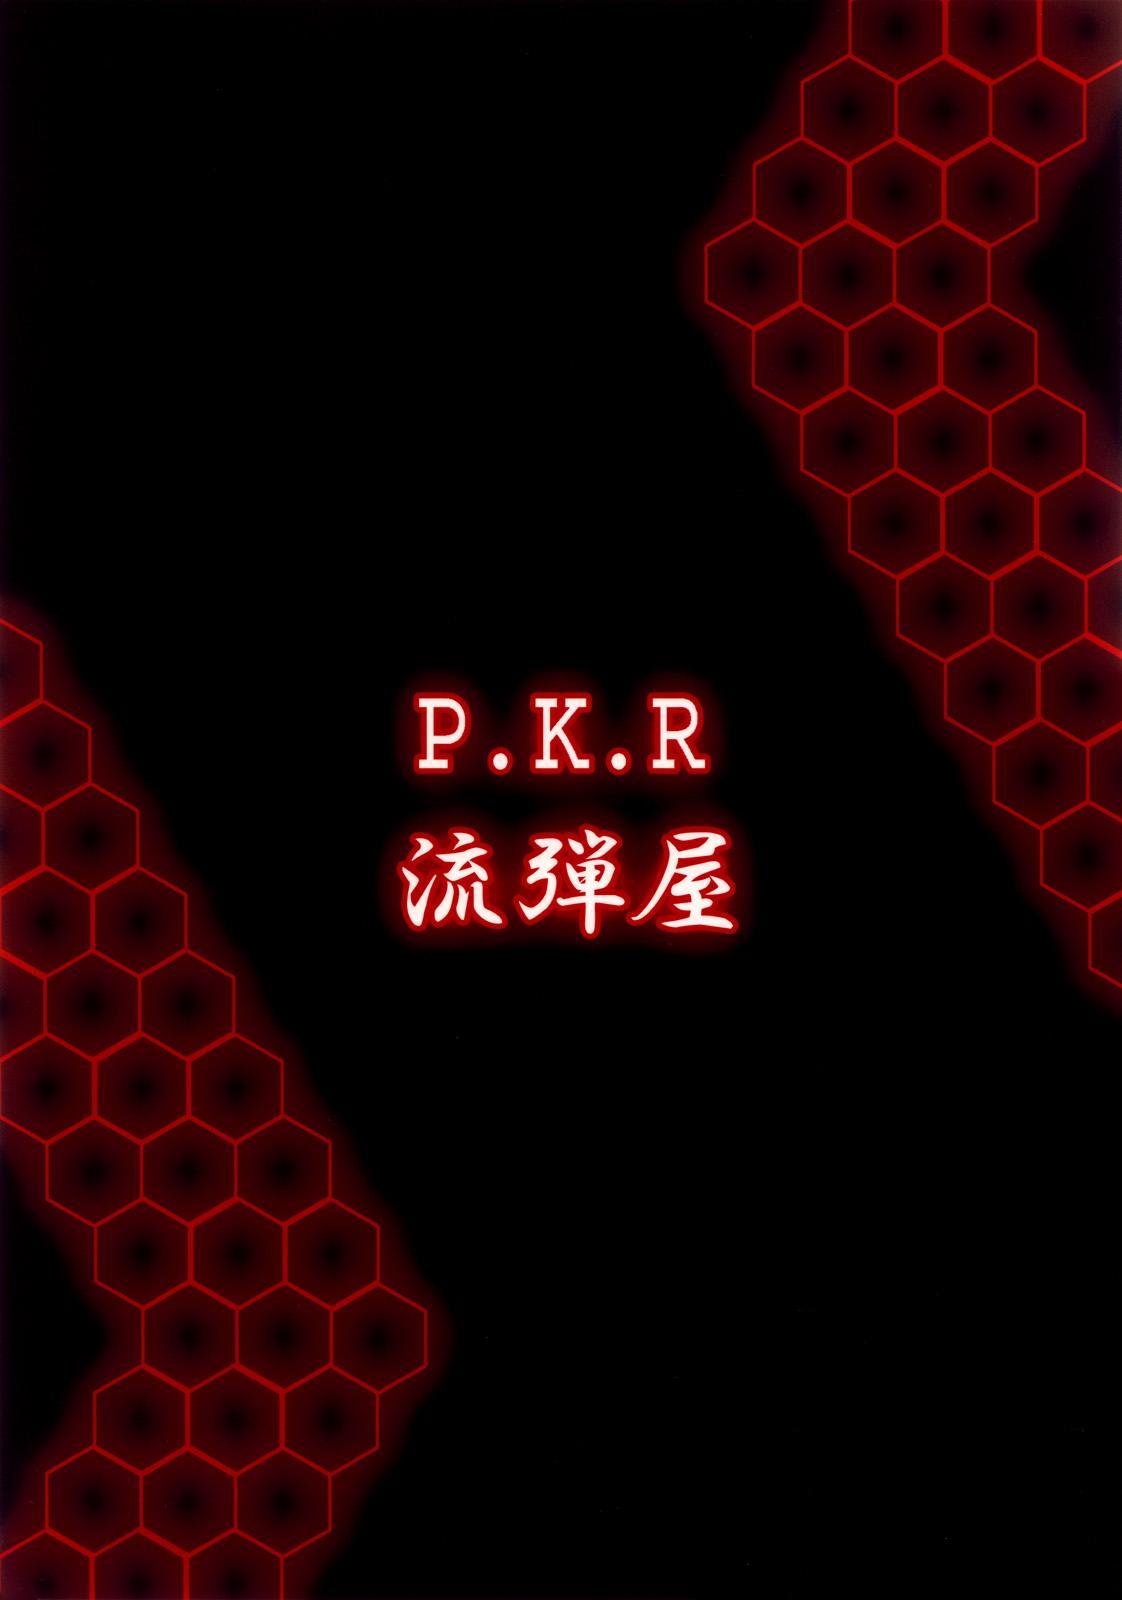 P.K.R 17